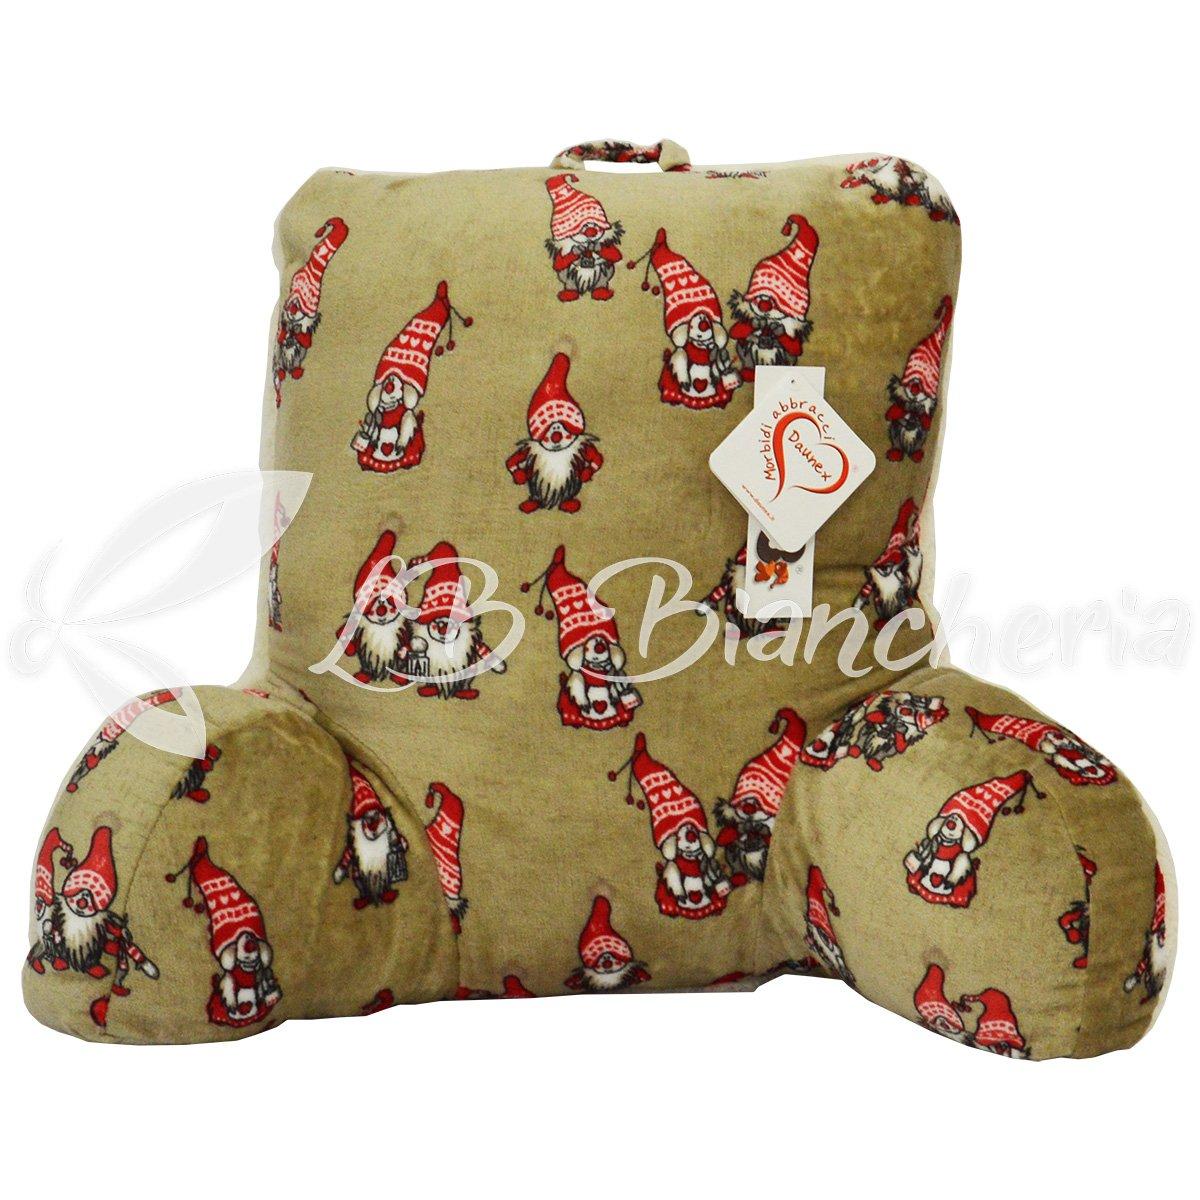 Daunex - Cuscino da Lettura GNOMI, sostegno per la schiena da letto, divano o poltrona, cm 60x45x30 - Originale Morbidotto - Tortora Lbbiancheria